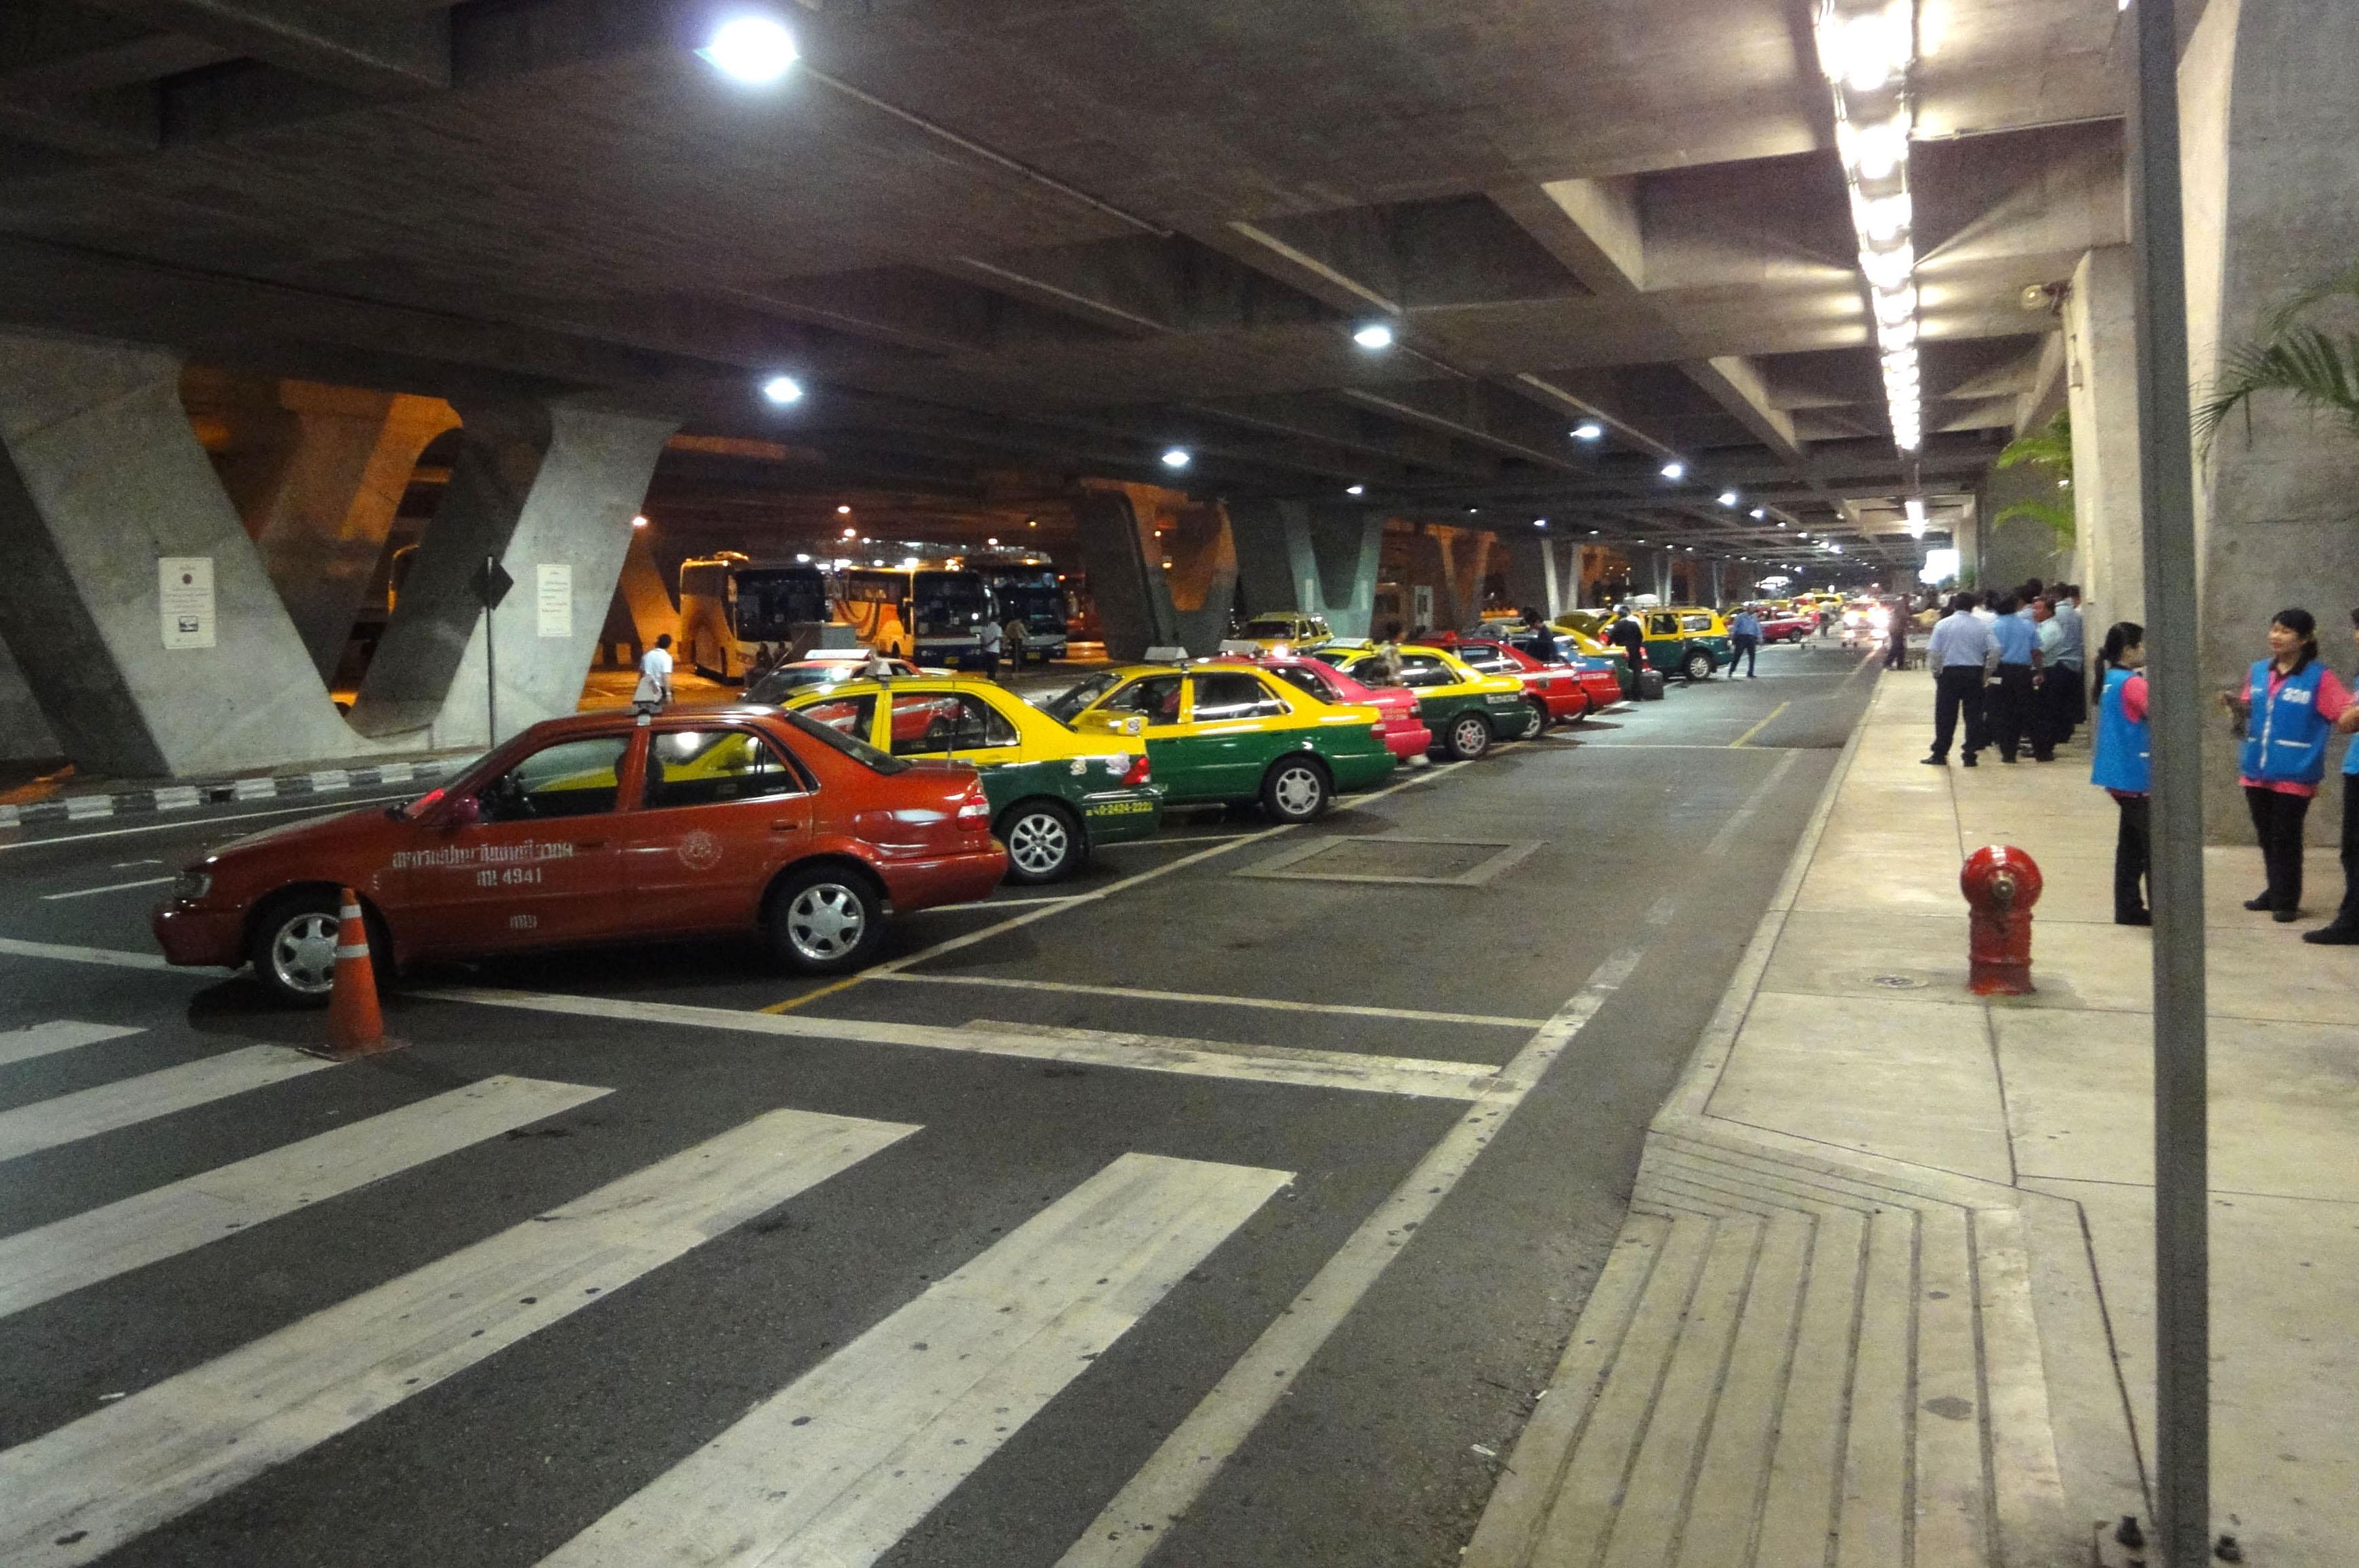 Taxi stand Suvarnabhumi Airport Thailand 2009 01